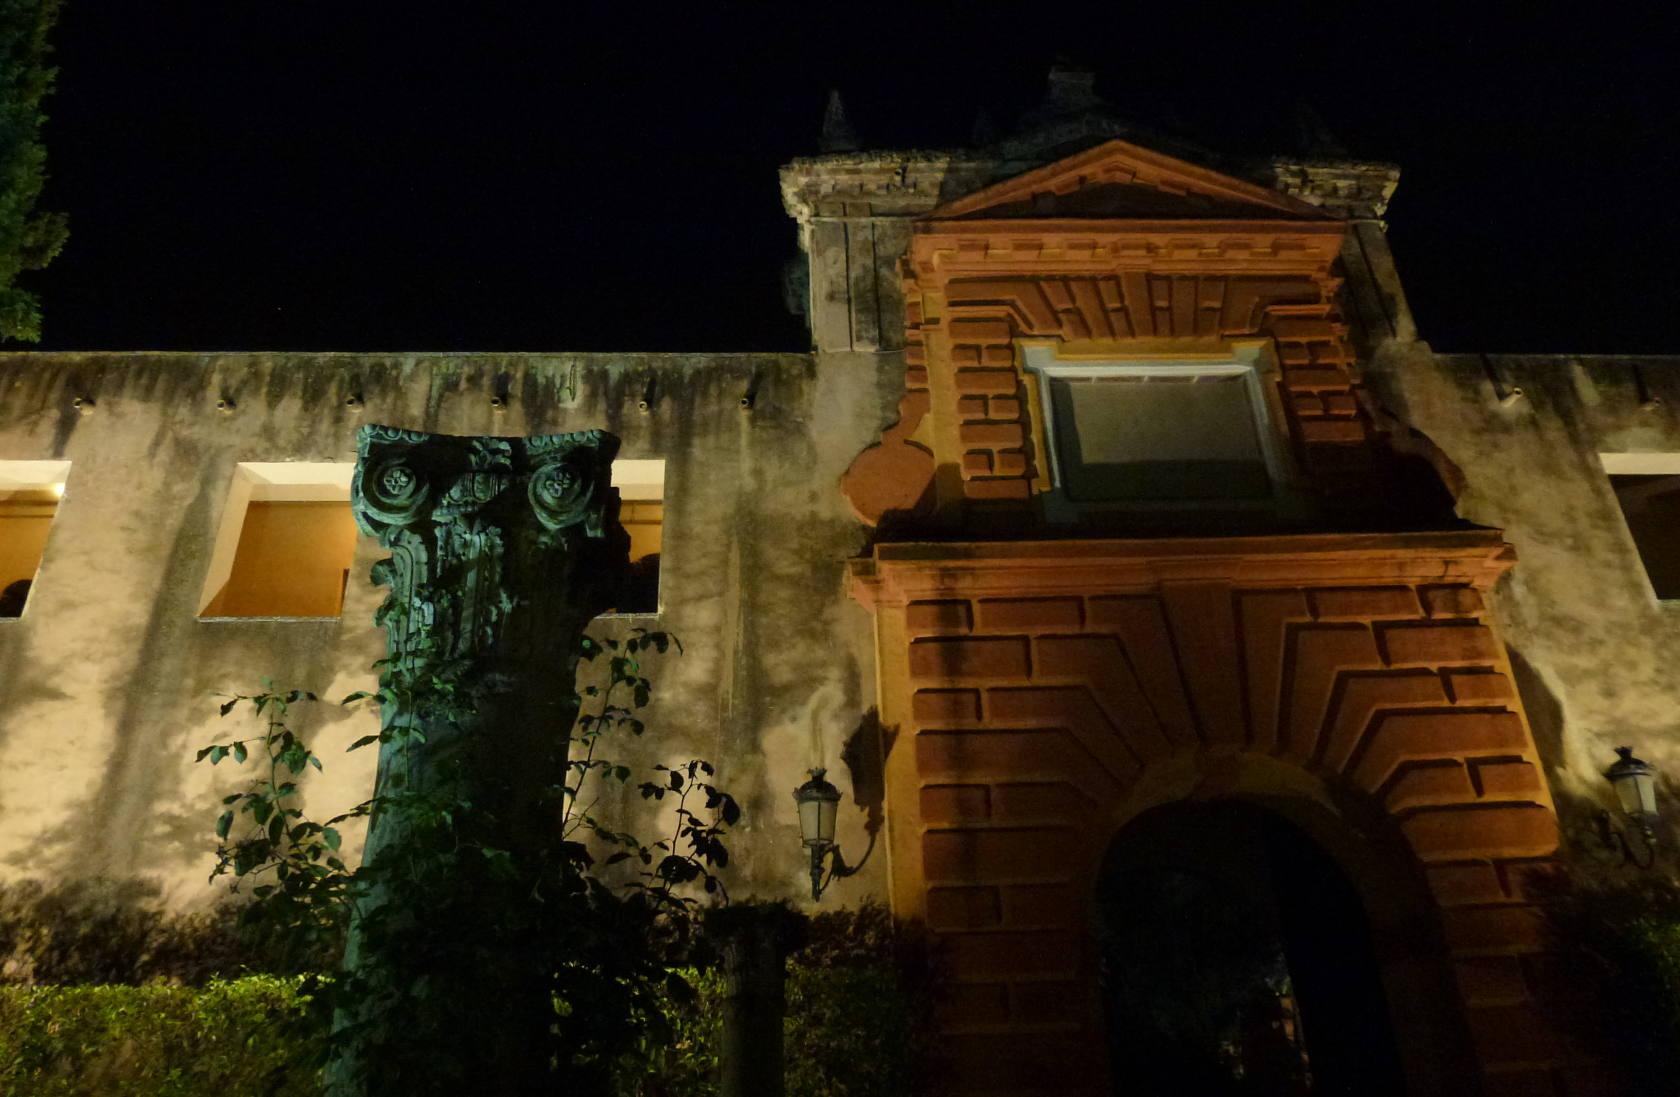 Puerta de galería de gruteescos con columna en primer plano